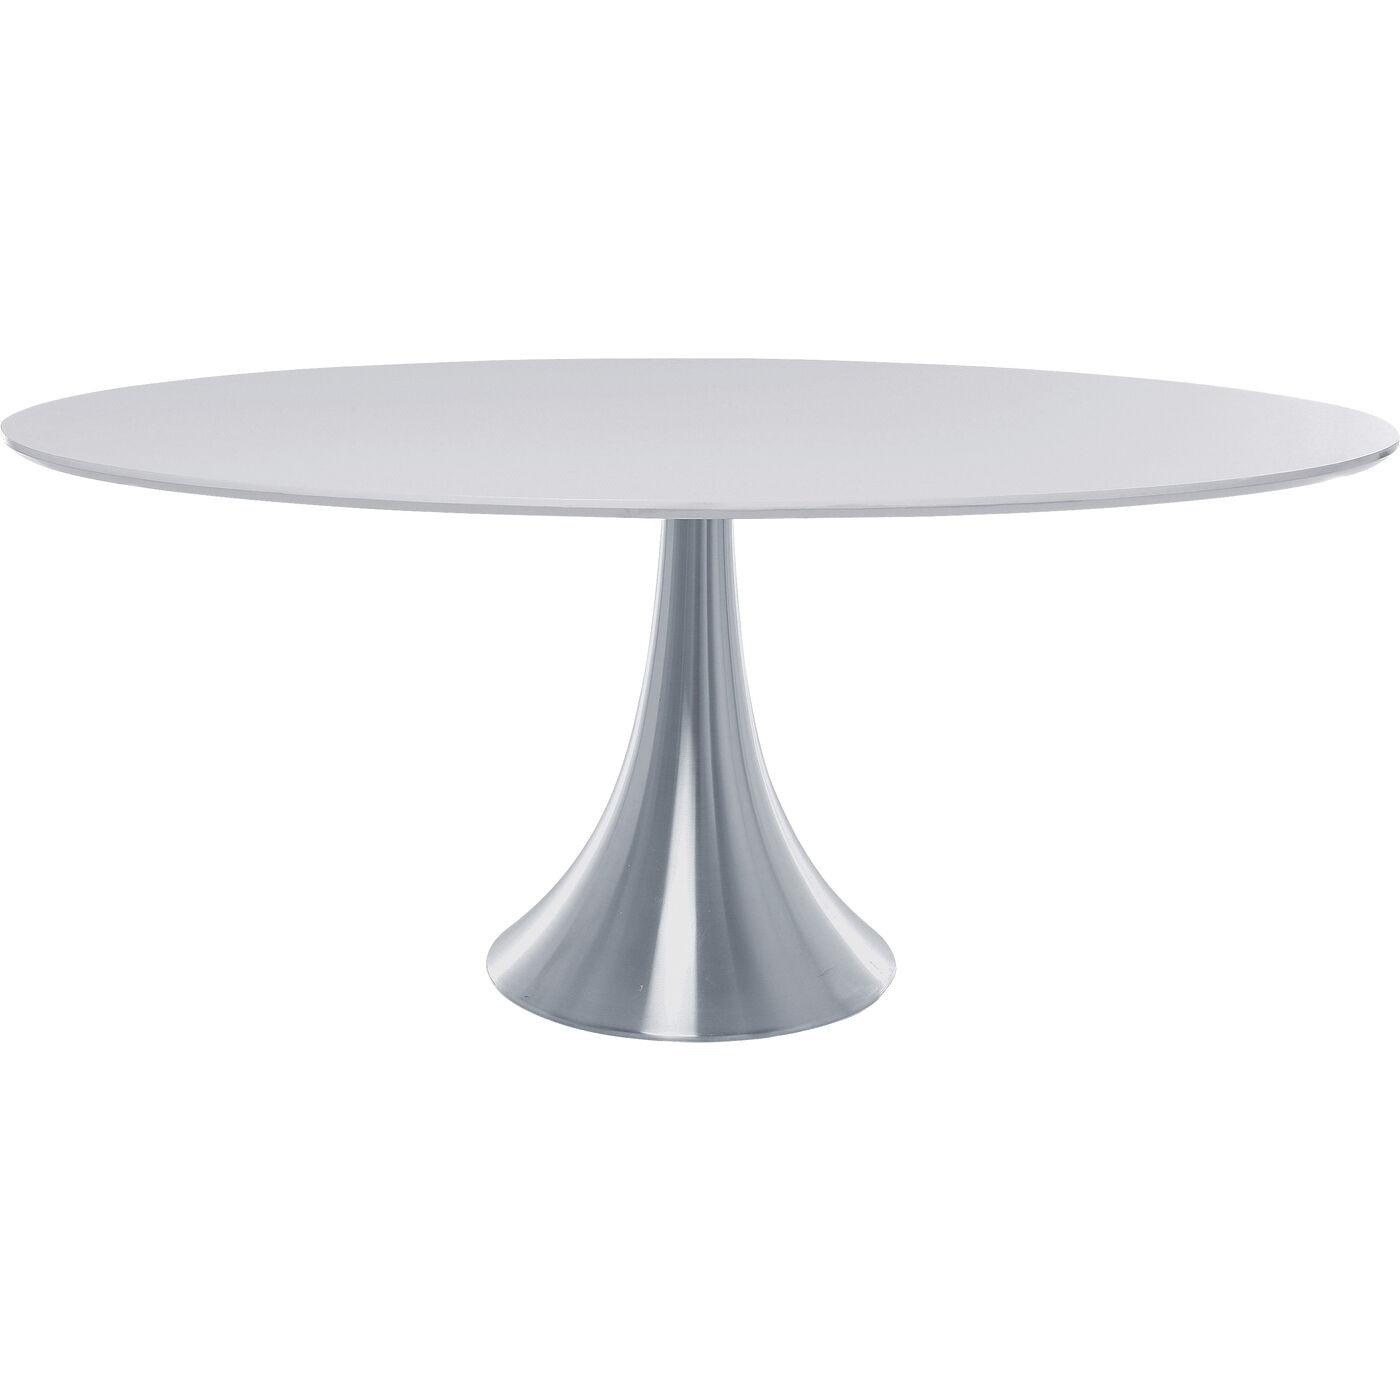 Tisch Grande Possibilita White 180x100cm